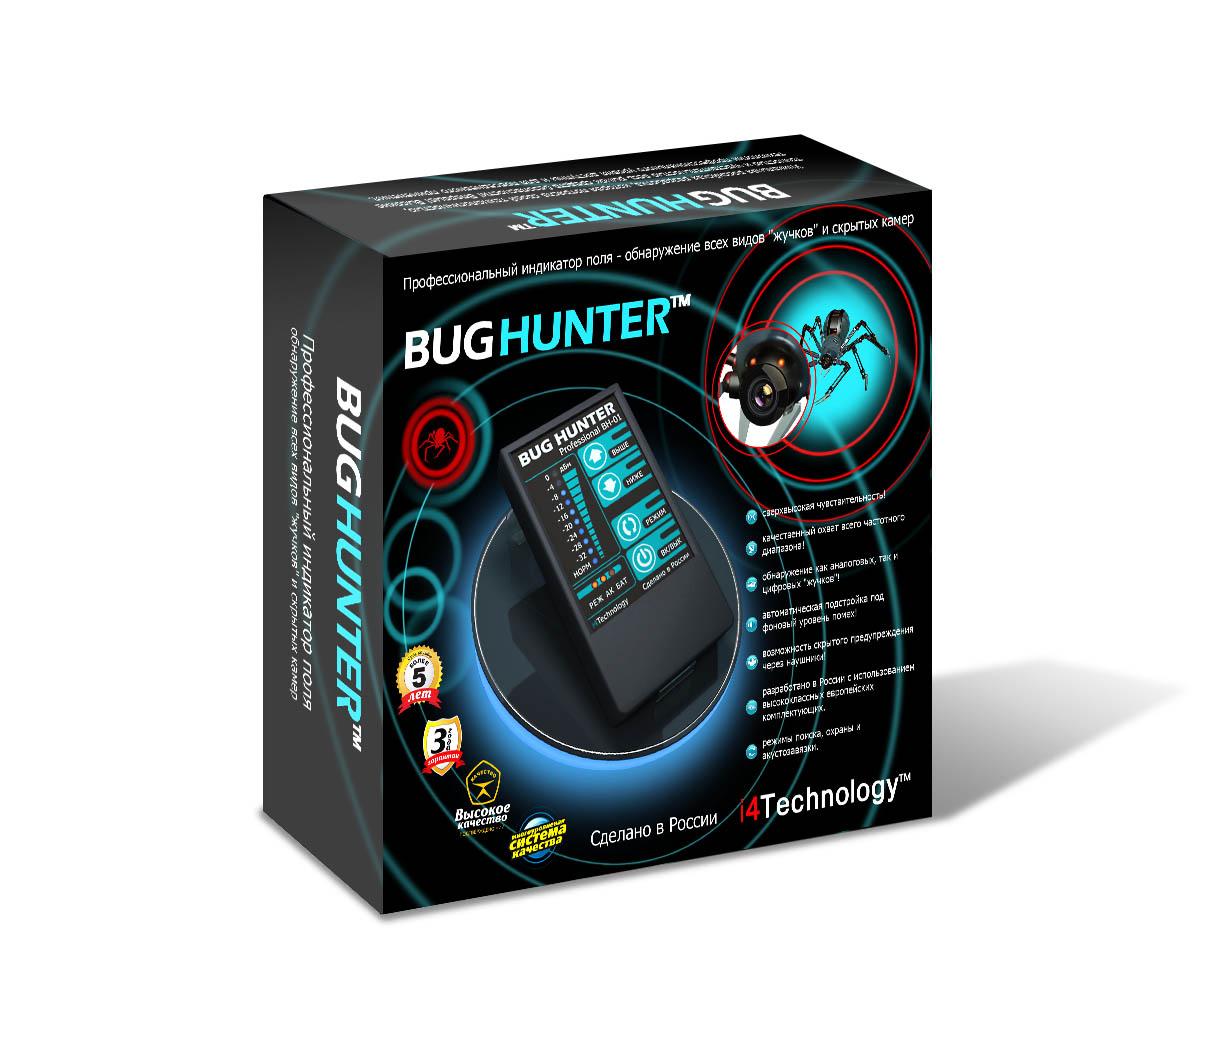 Упаковка для охранной системы BUGHUNTER 3